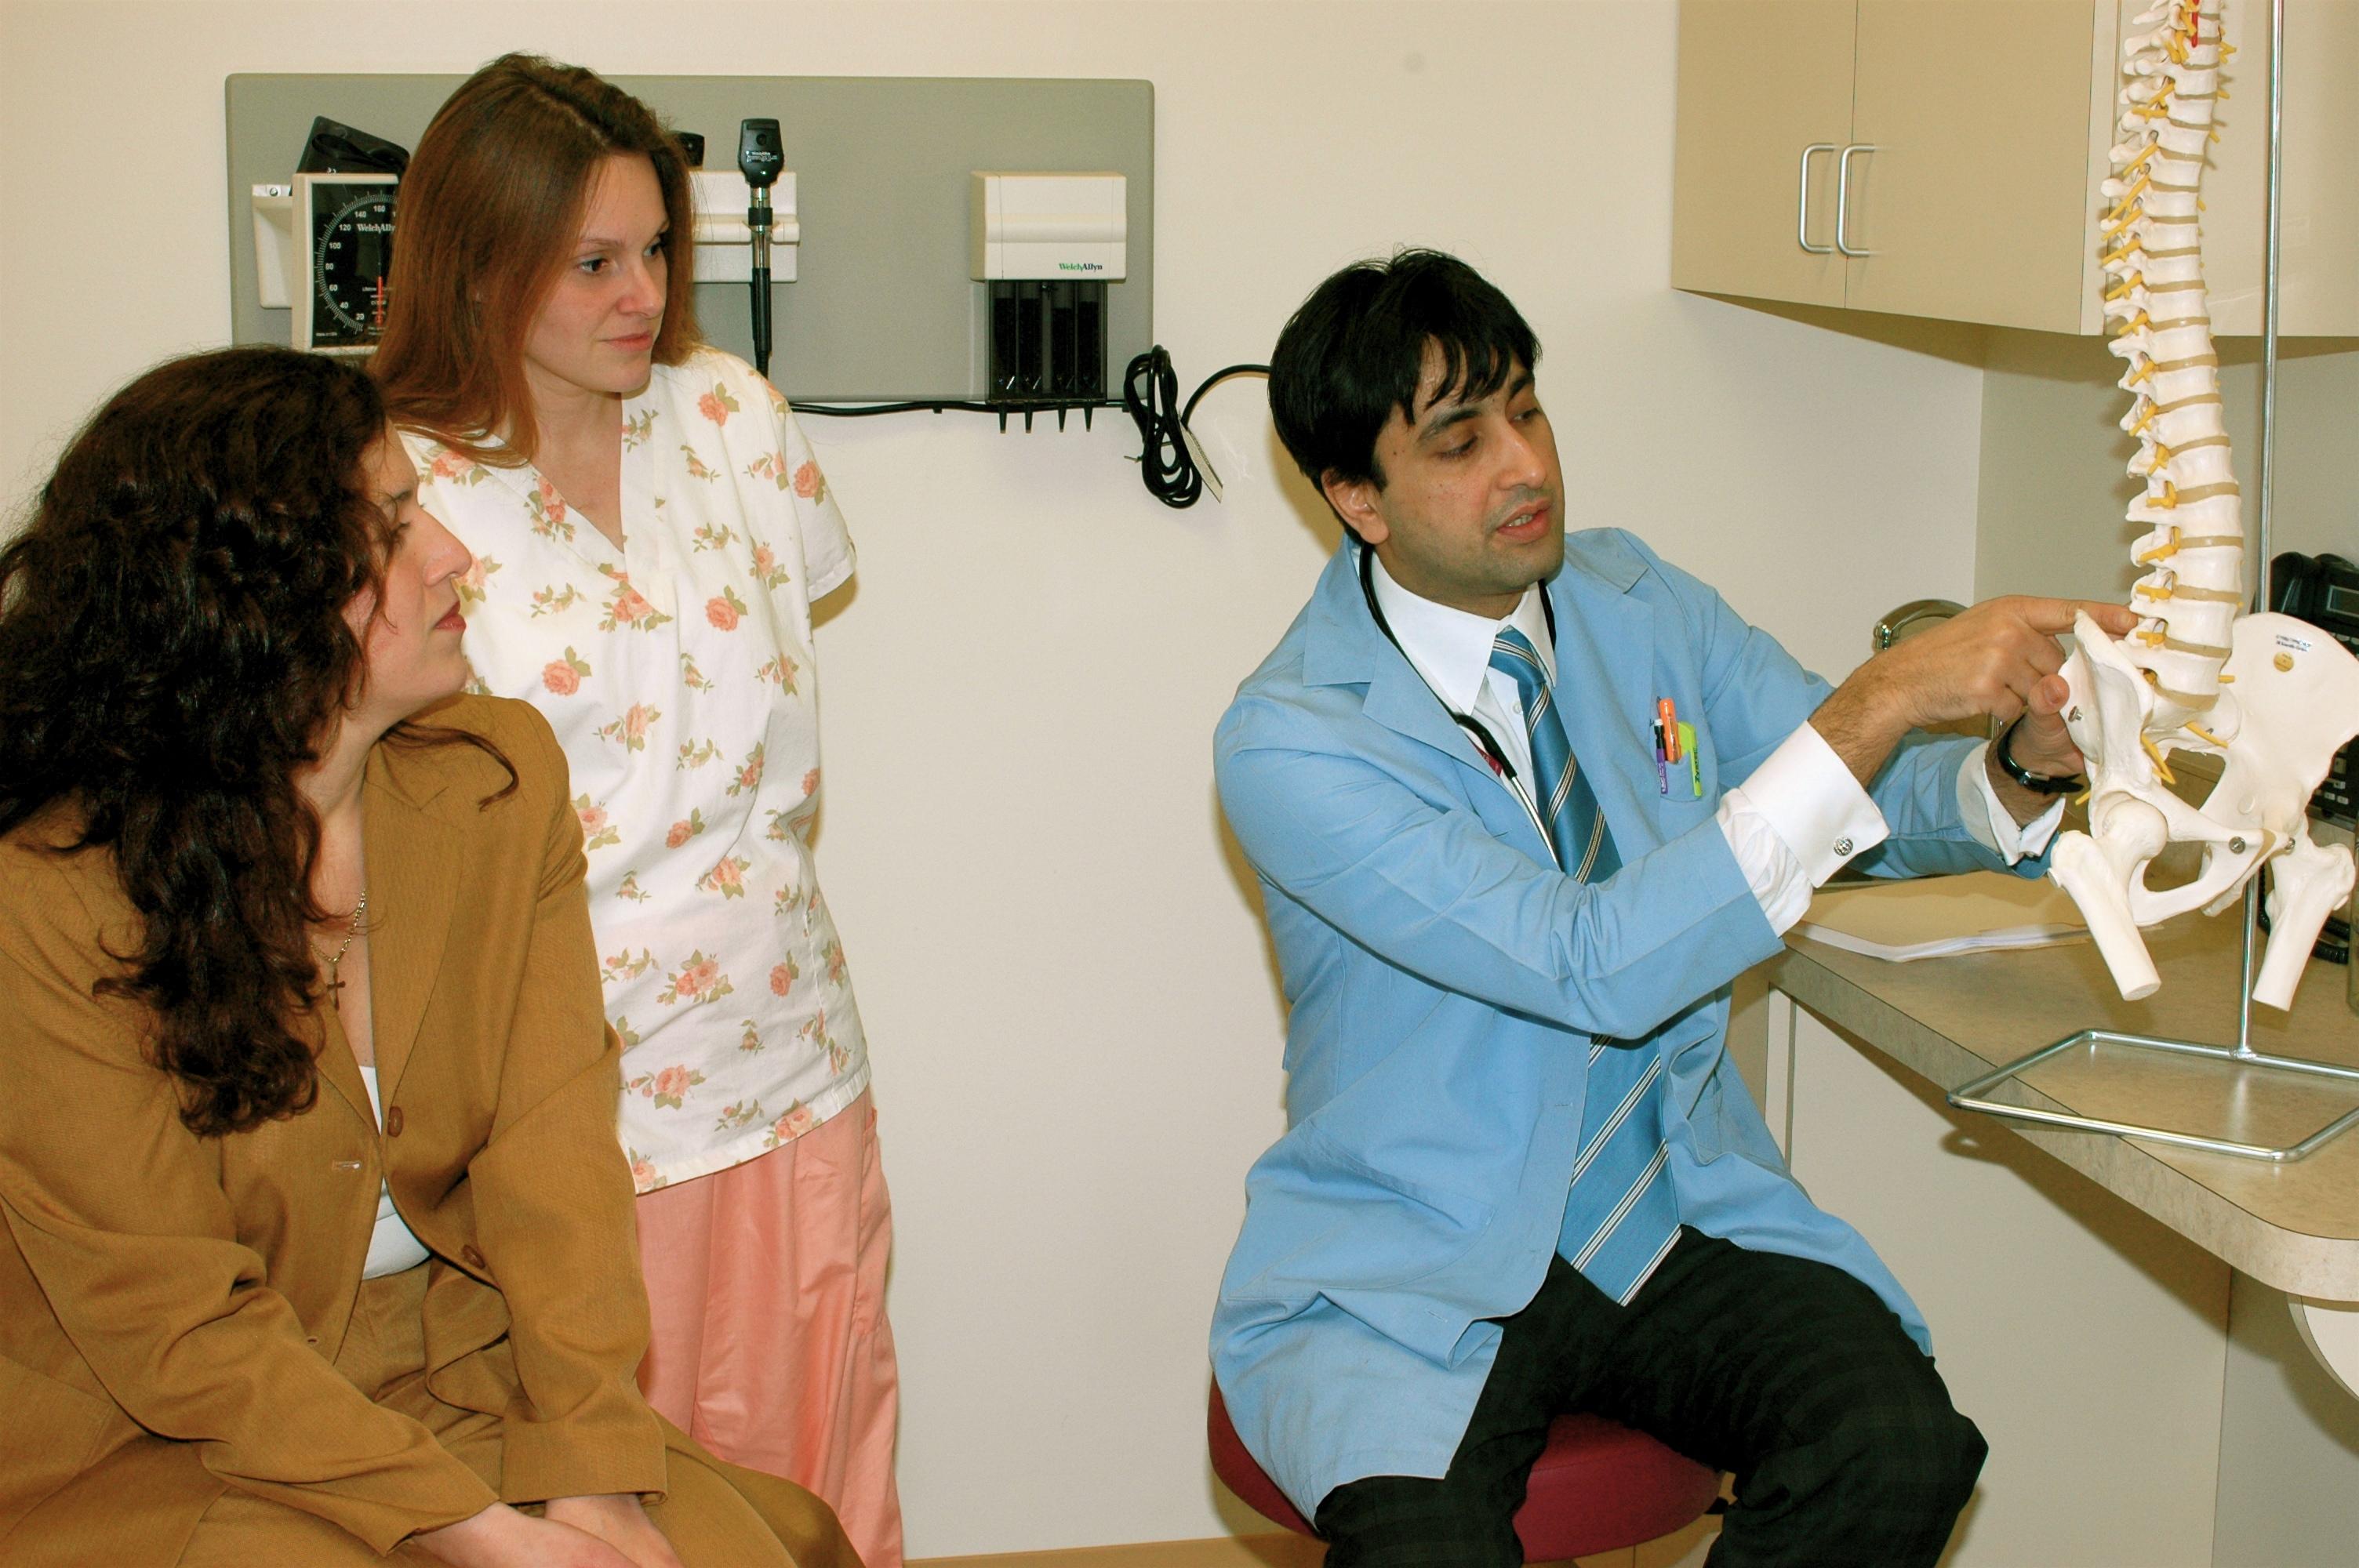 3. Patient consultation